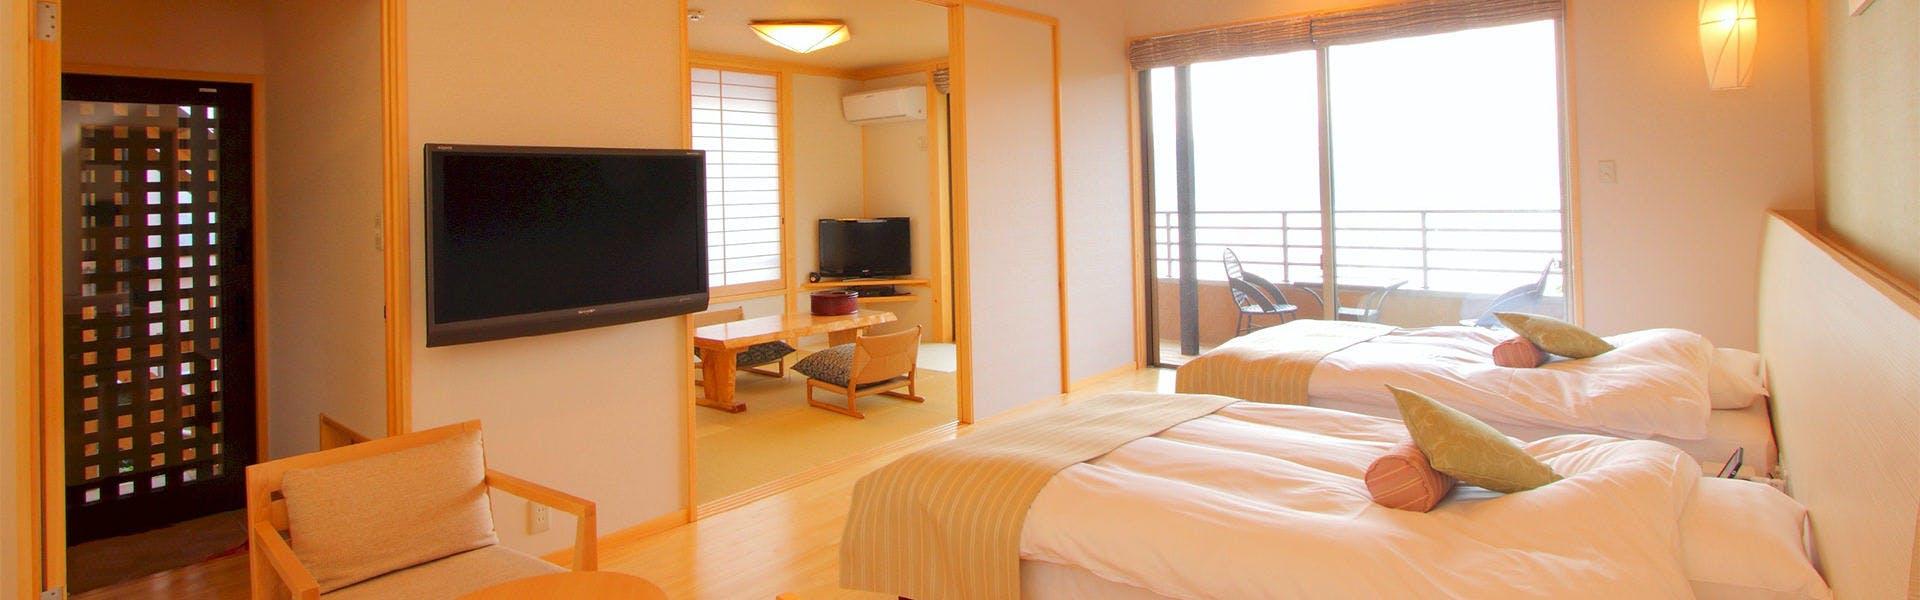 記念日におすすめのホテル・海のはなの写真2